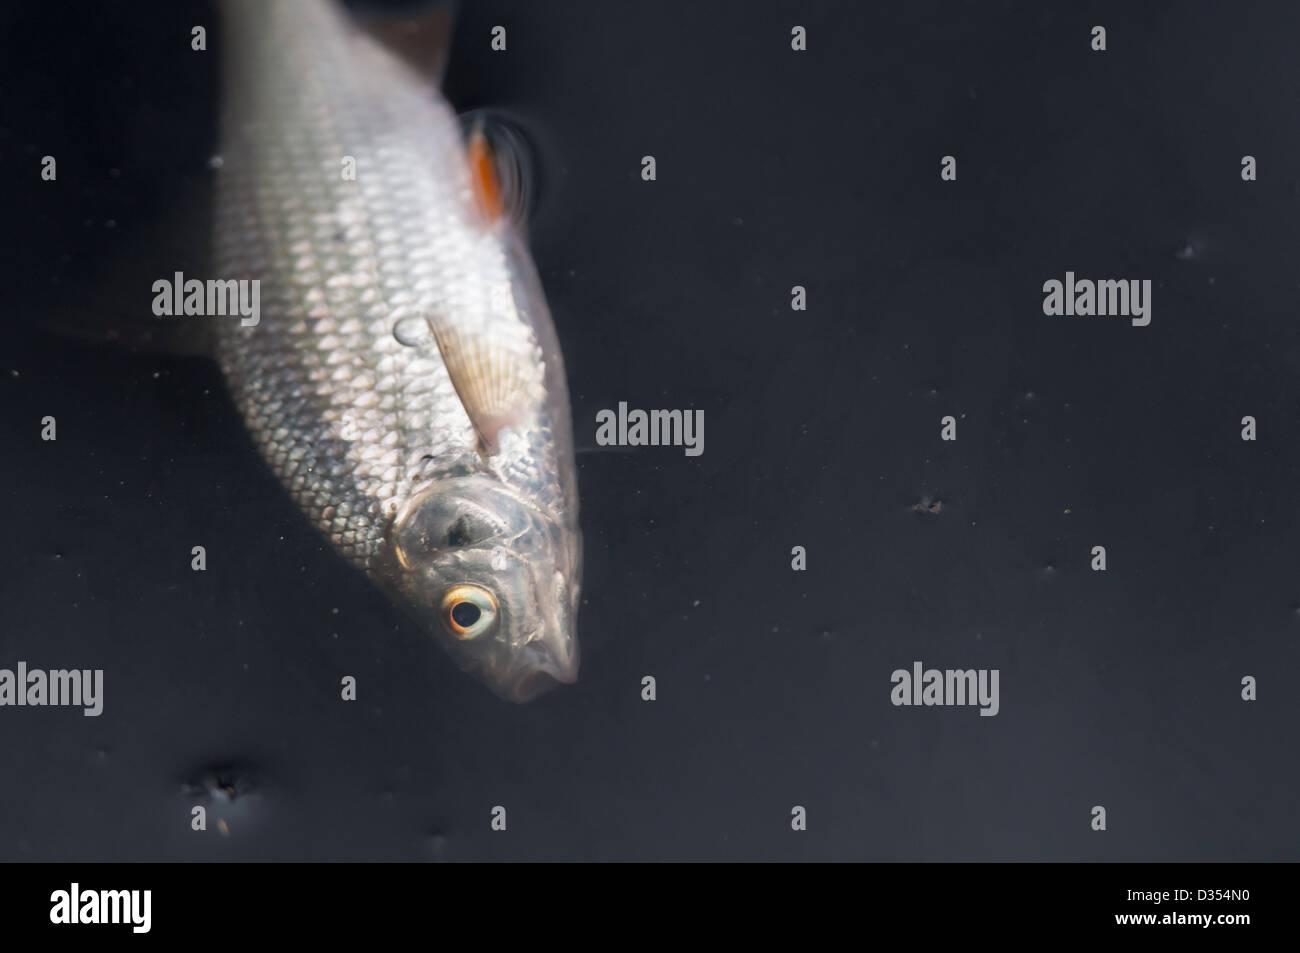 Dead fish in a stream - Stock Image